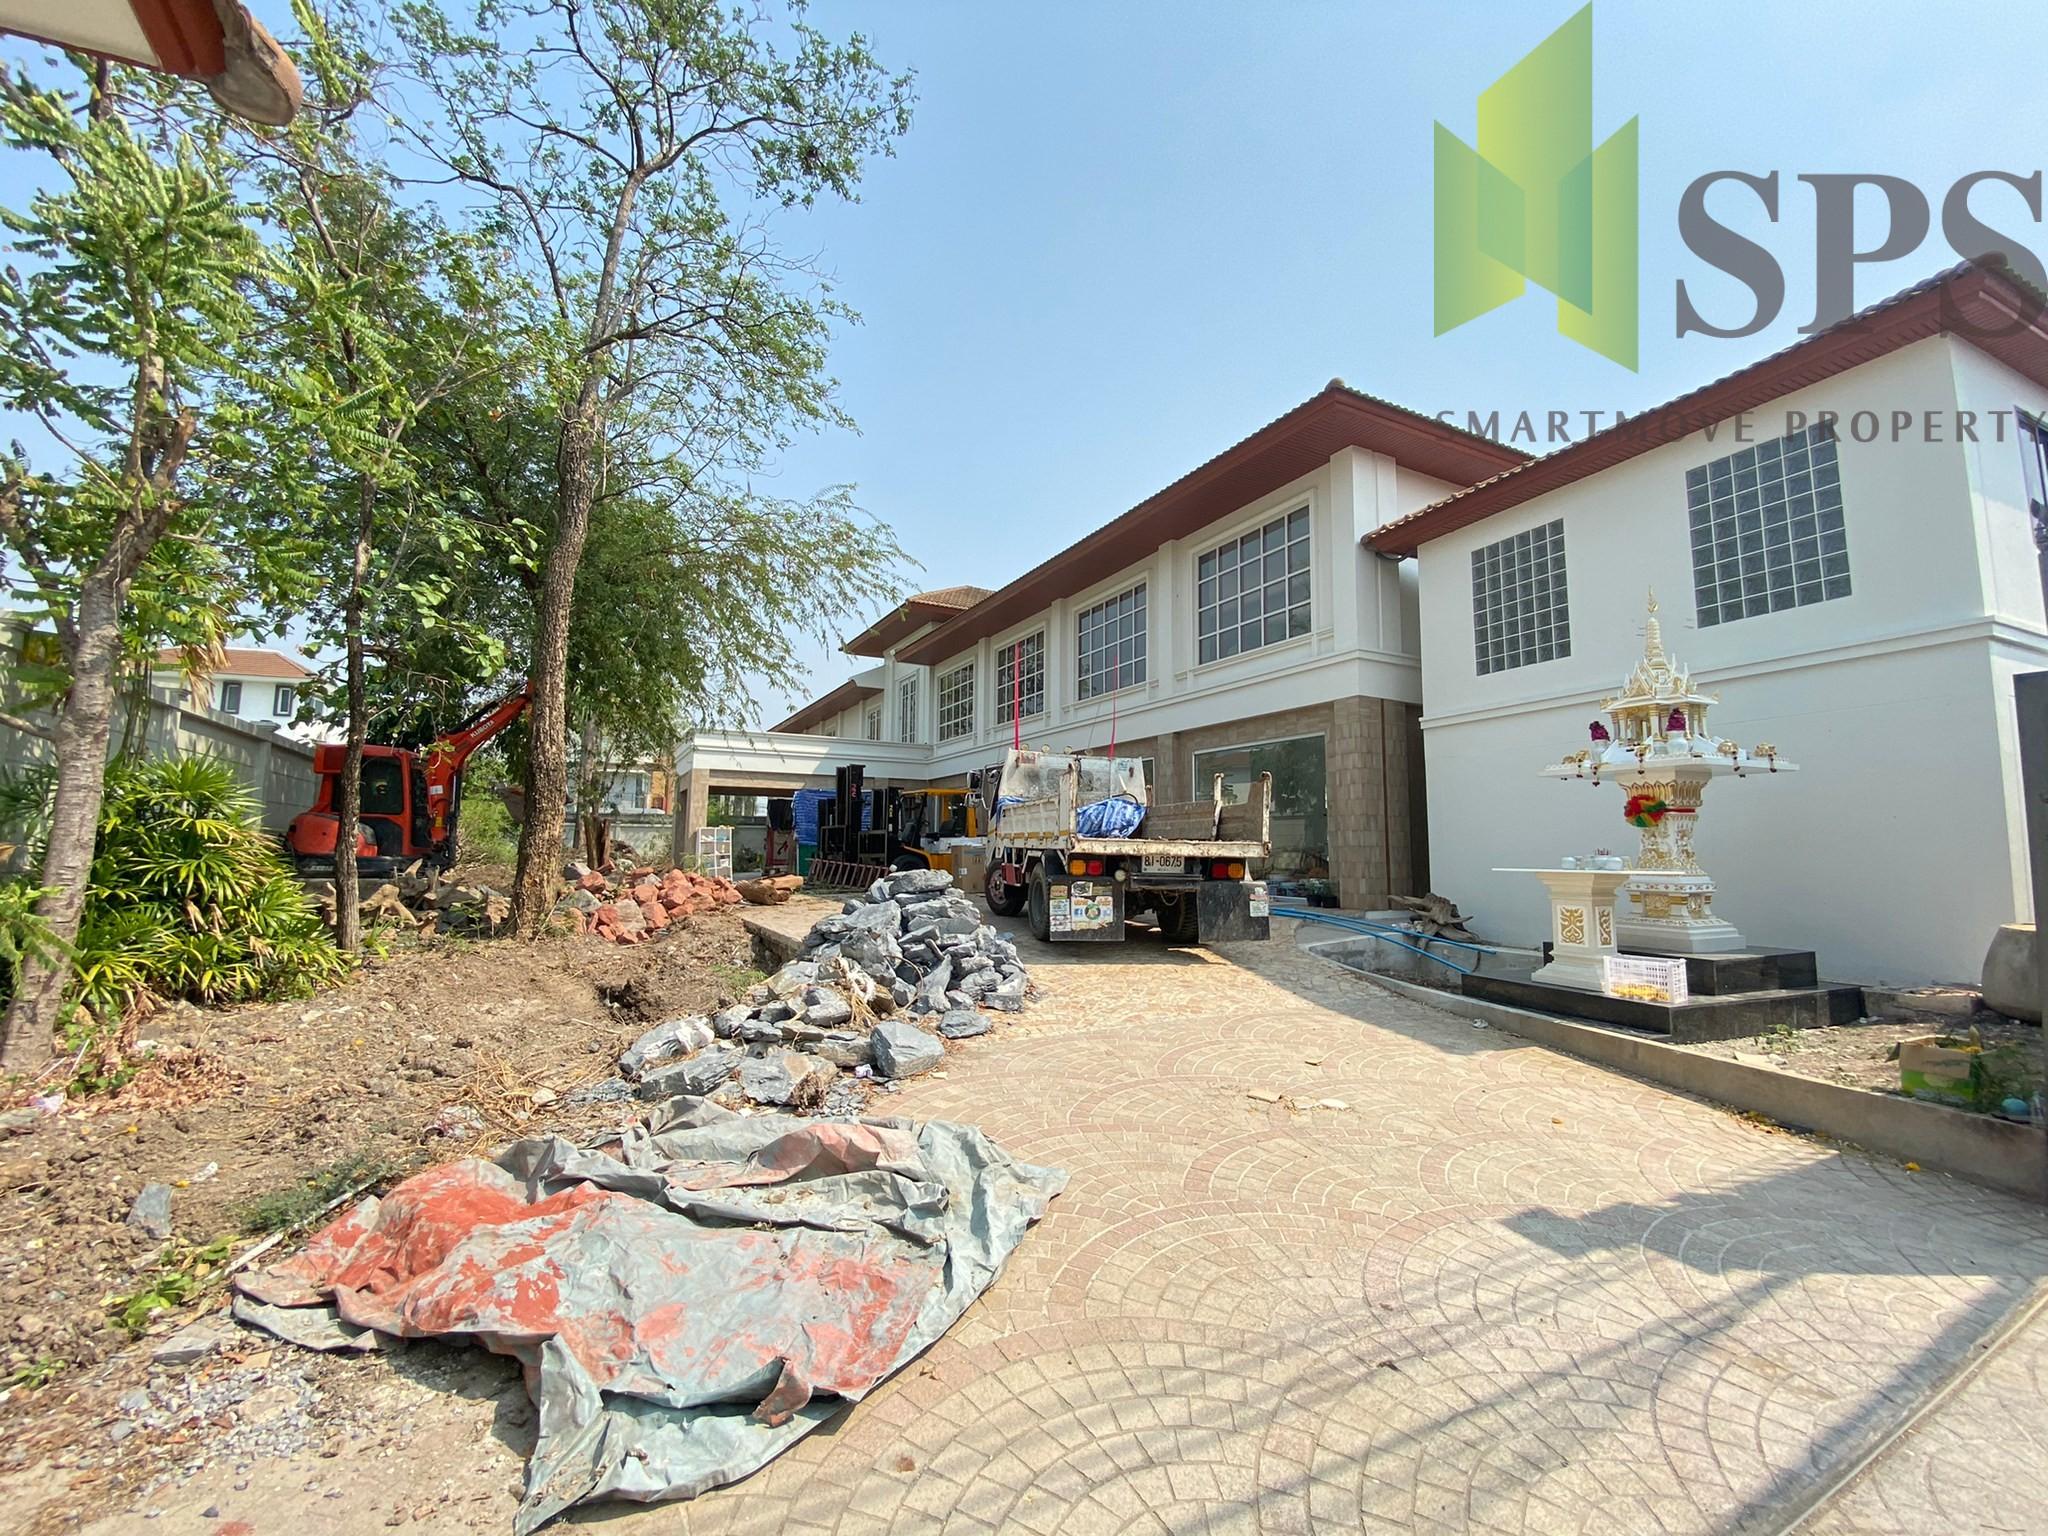 ขาย บ้านเดี่ยวหลังใหญ่ ในซอยเฉลิมพระเกียรติ ร.9(Property ID: SPS-PP310)